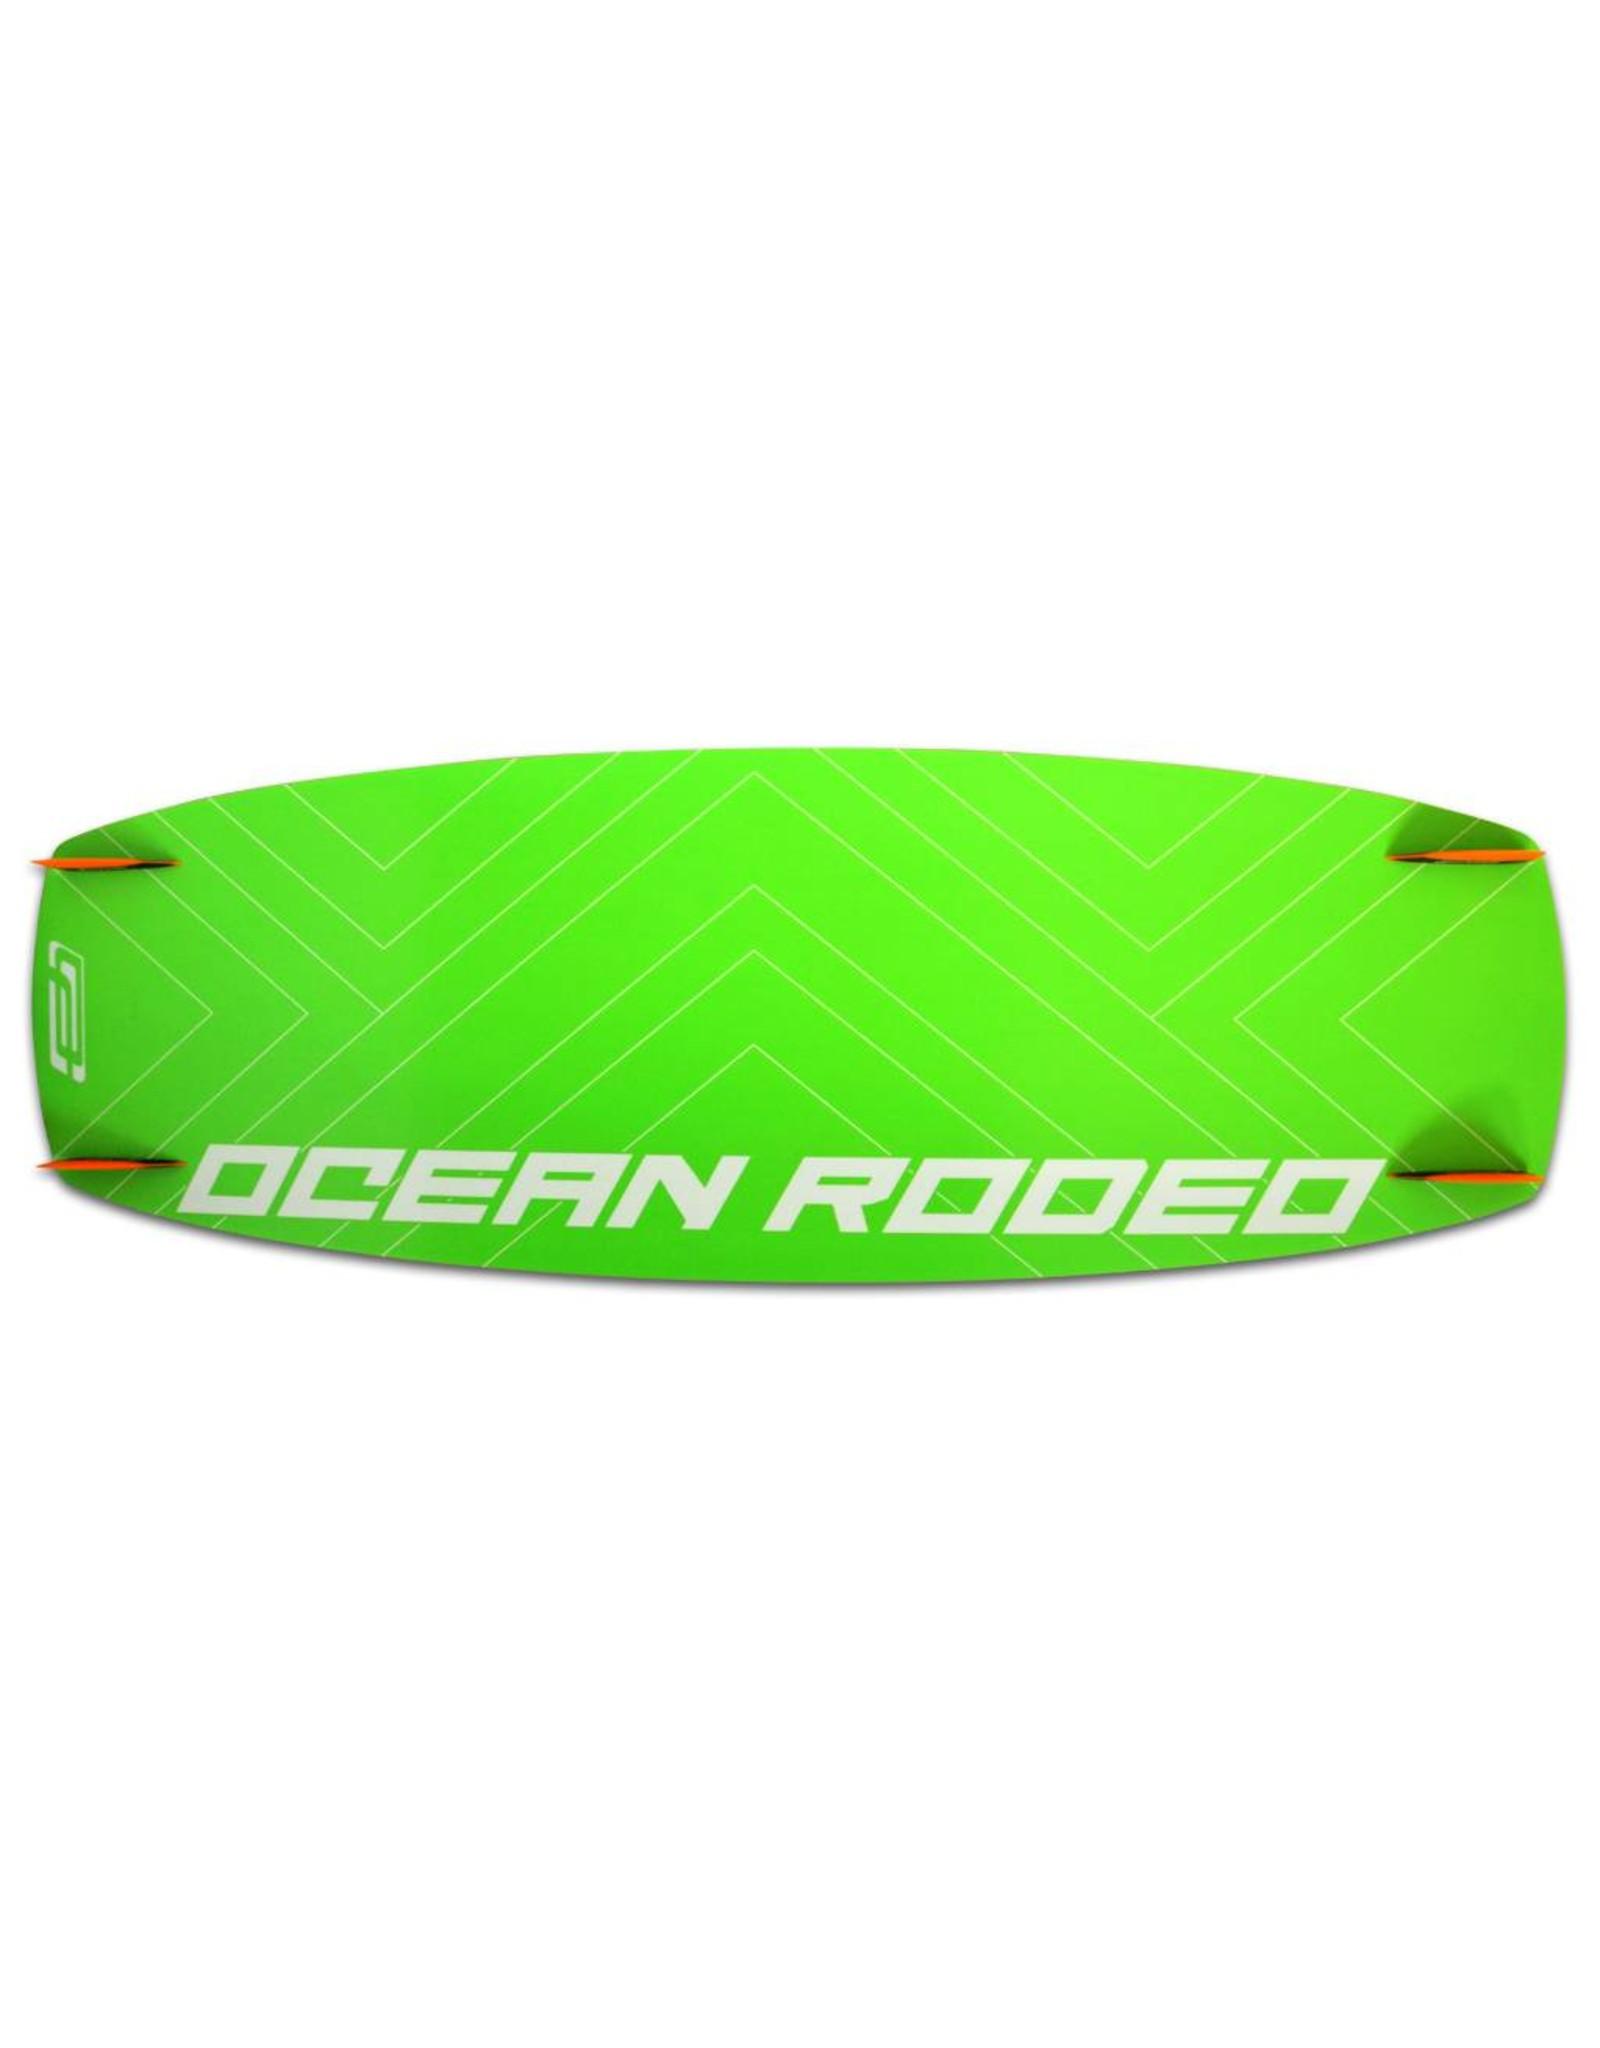 Ocean Rodeo Orgin, 142cm - Paars / Oranje